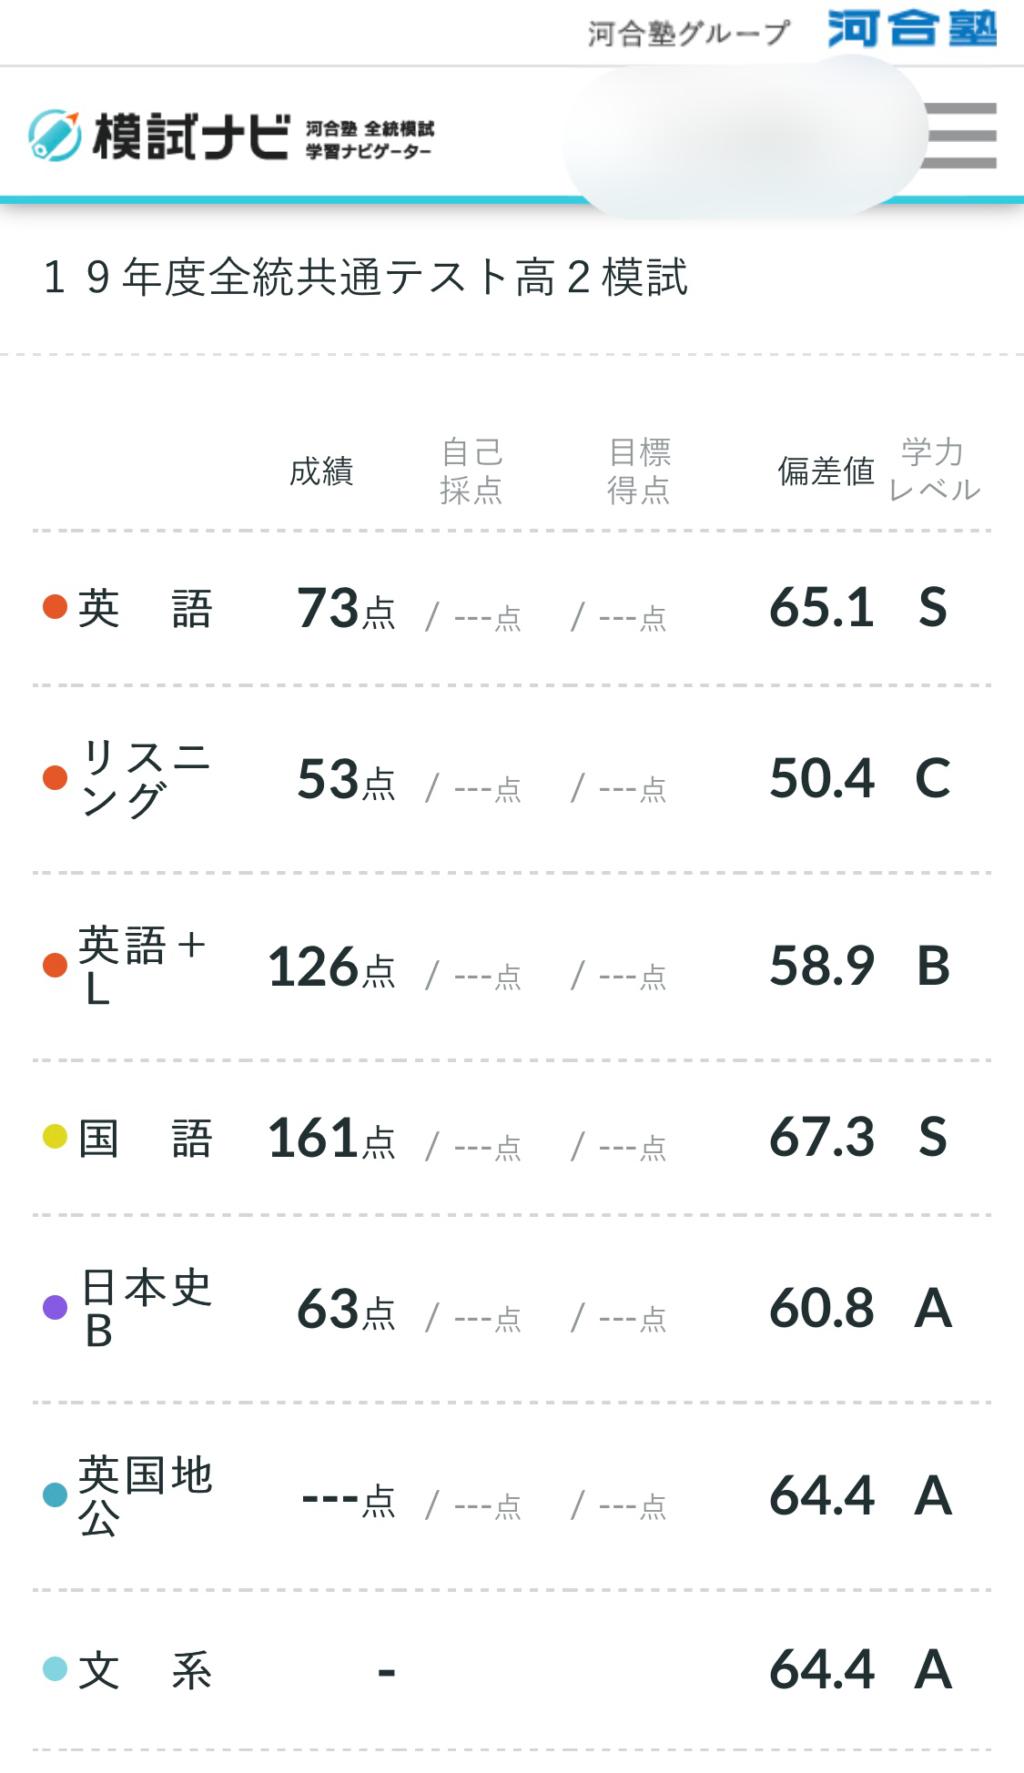 河合塾 全 統 共通 テスト 模試 高3生・高卒生対象模試 模試ラインアップ